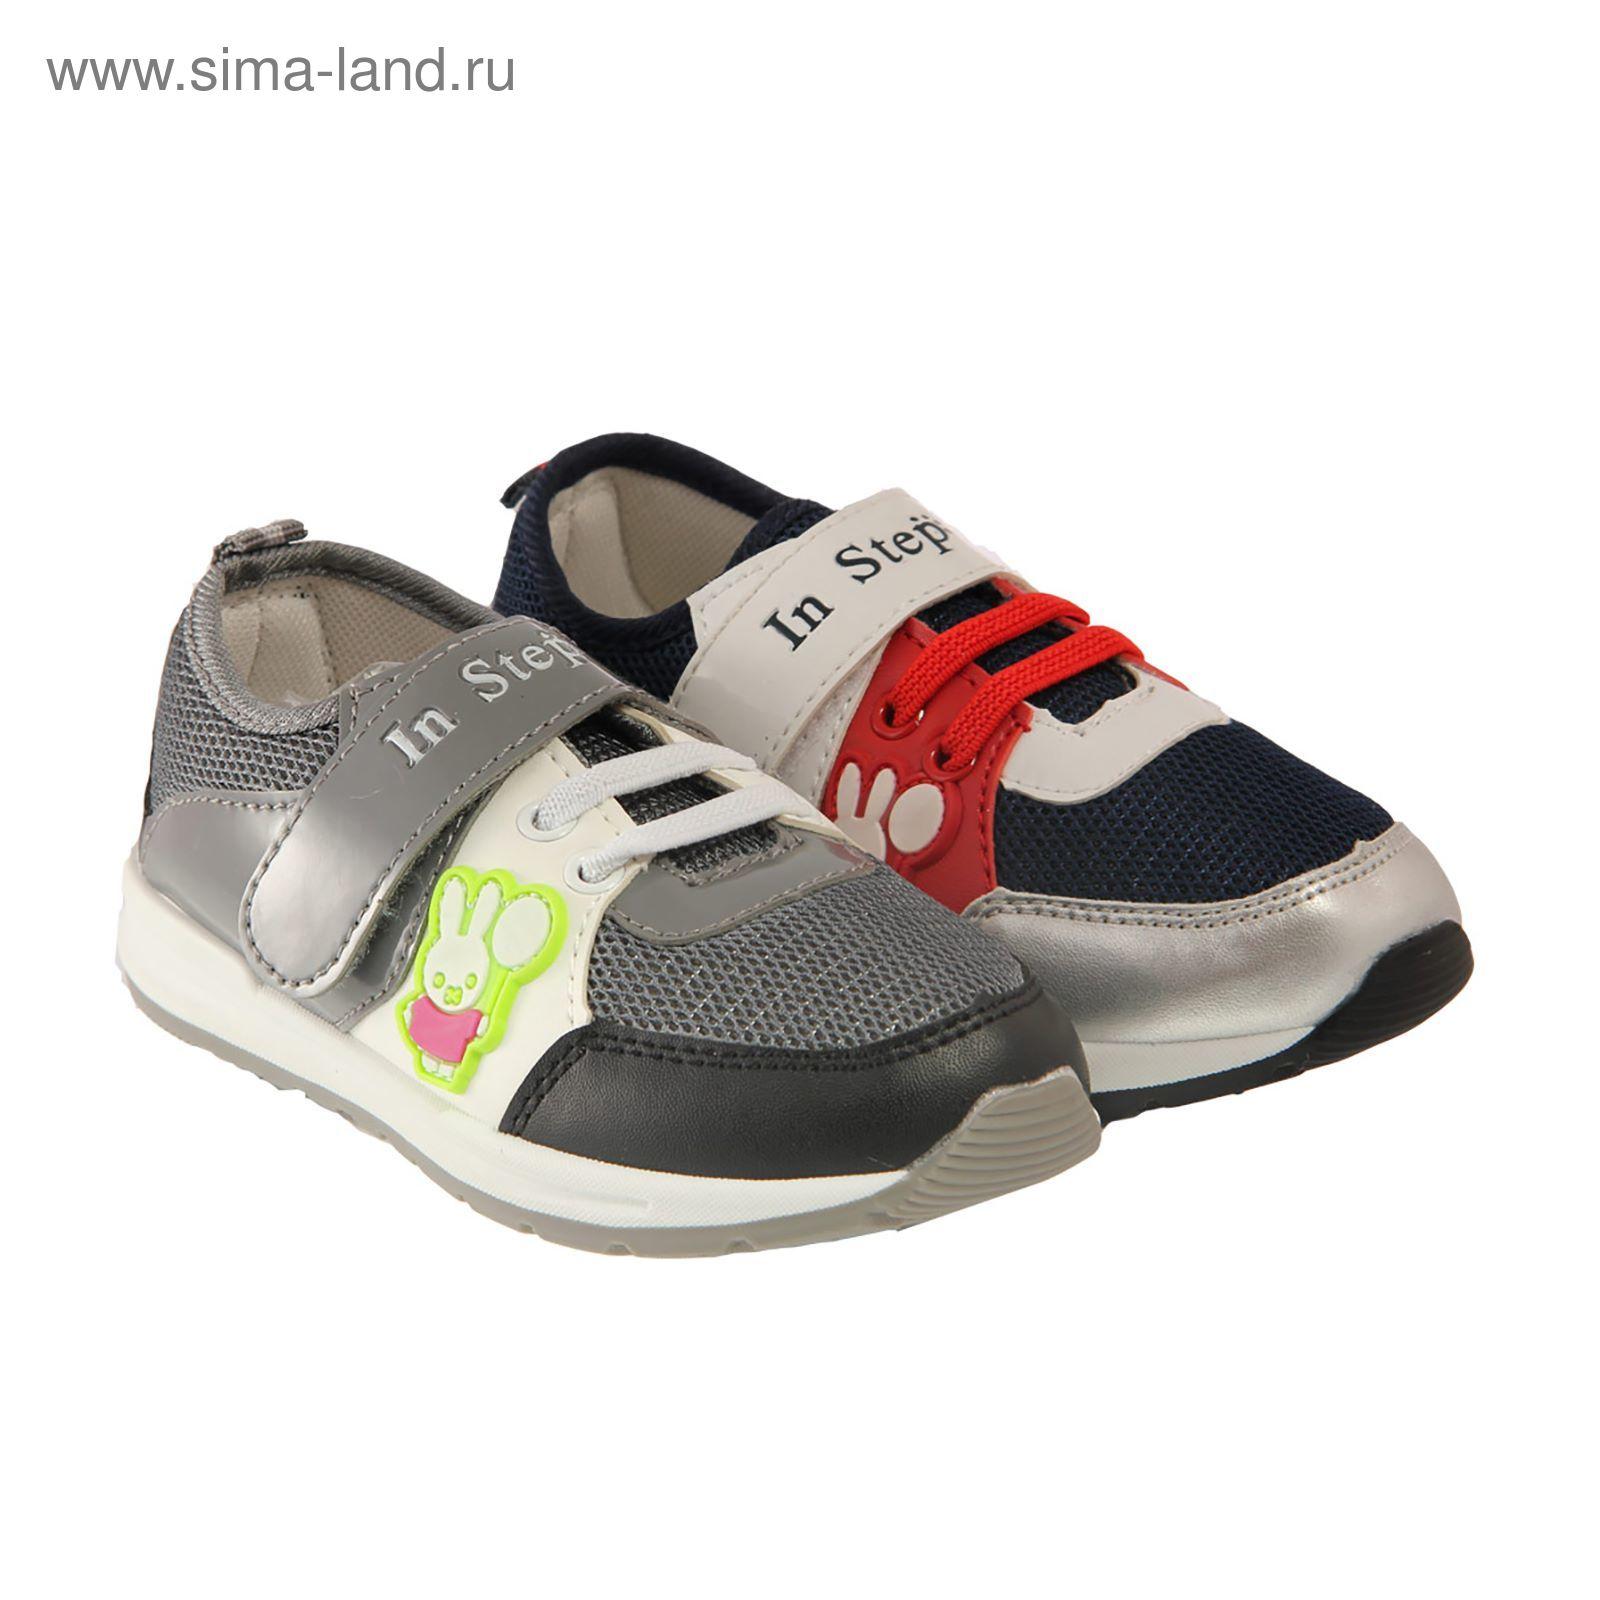 52579f35 Кроссовки детские арт. B011-3/4 (серый/черный МИКС) (р. 22) (2104168 ...